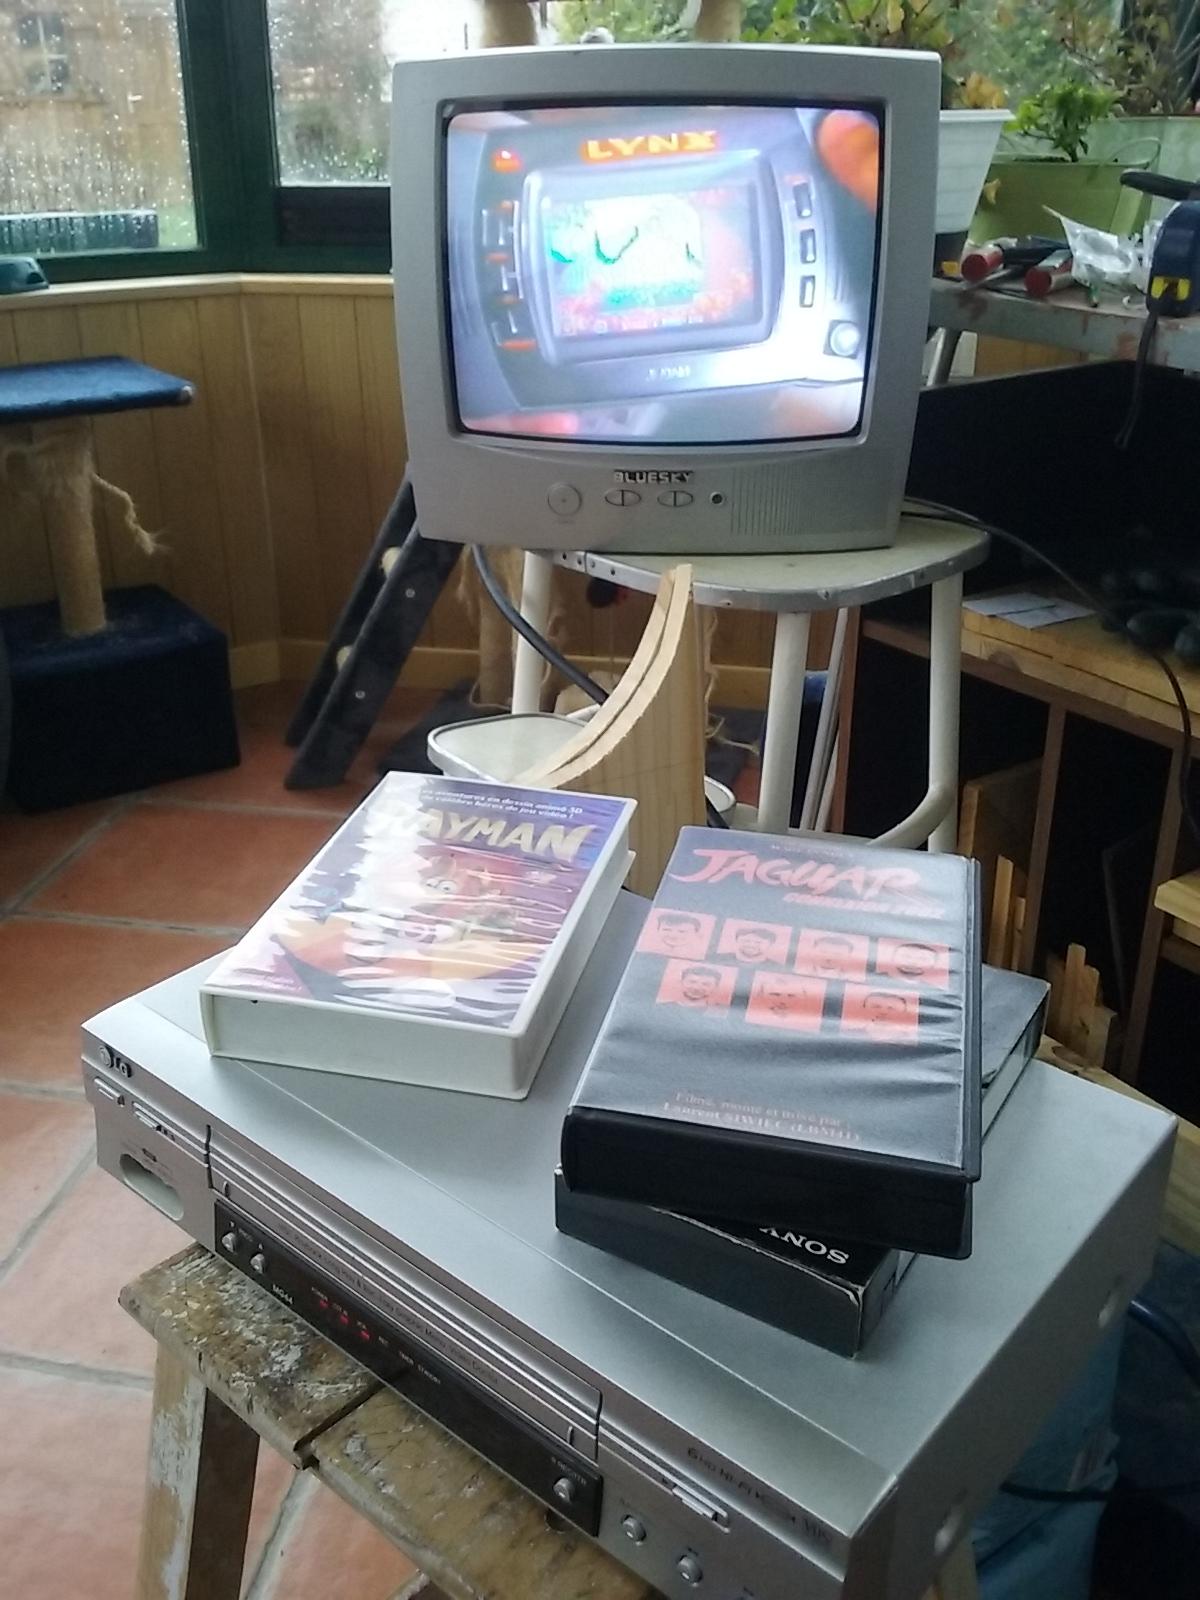 K7_VHS_convention_JaguarConnexion_1218.jpg